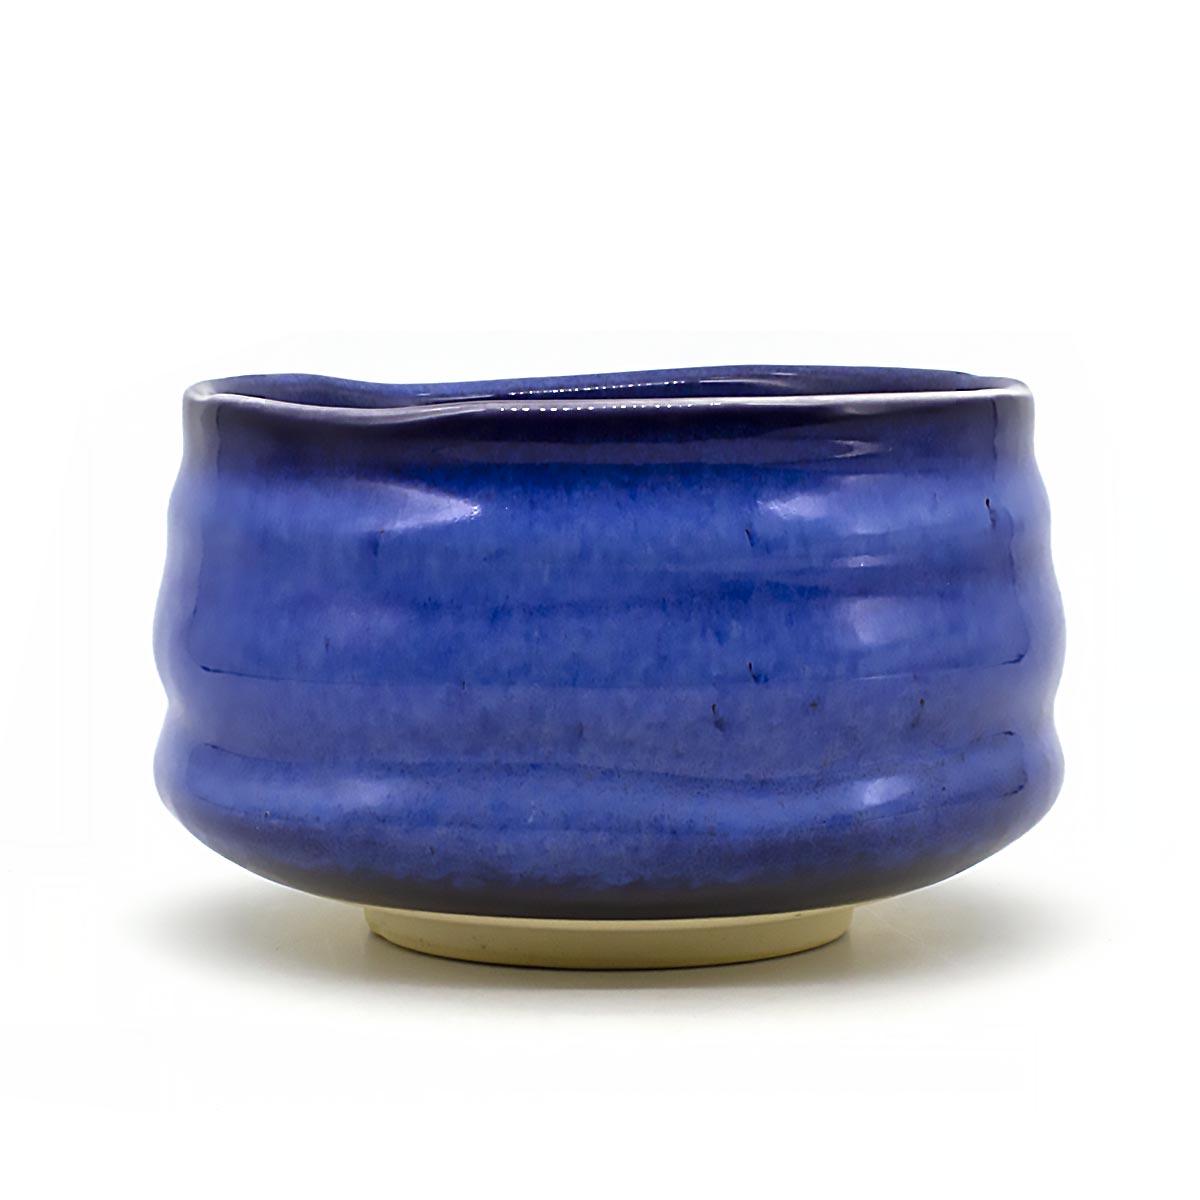 Чаша для матча керамическая, сапфировая, 500 мл чаша для матча керамическая голубая 500 мл